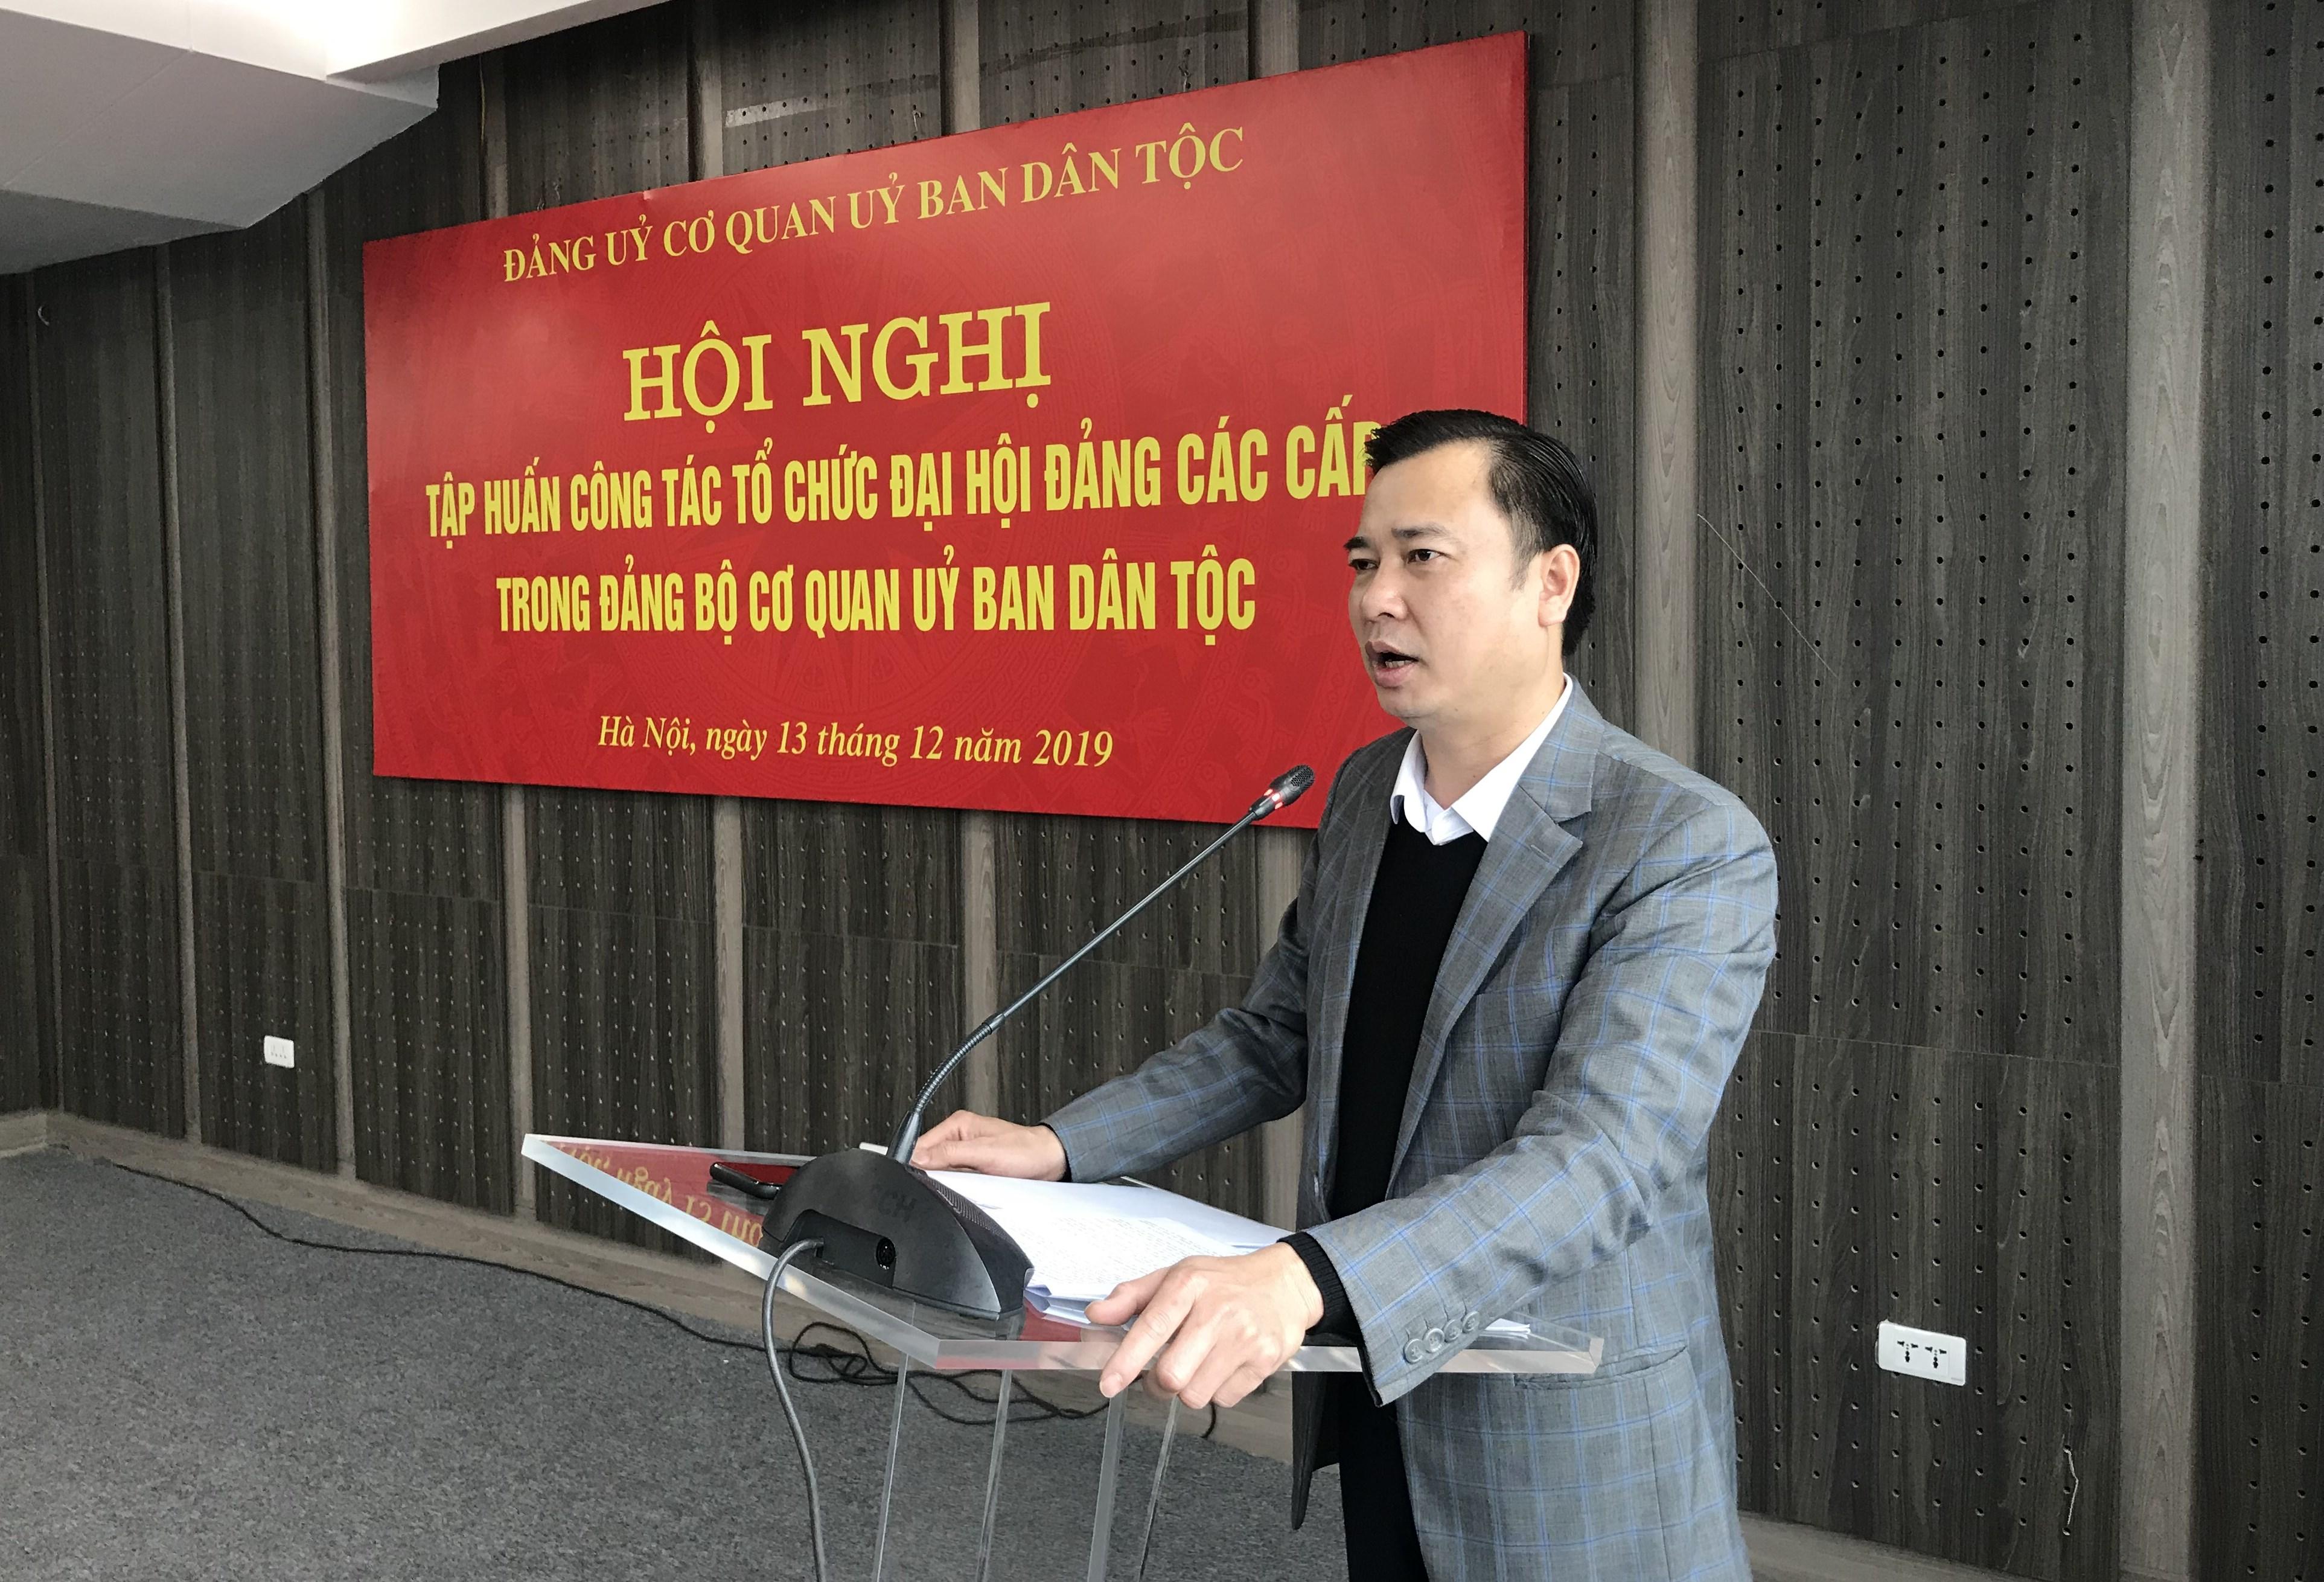 Đồng chí Đinh Xuân Tùng, Trưởng ban Tổ chức, Đảng ủy Khối các cơ quan Trung ương hướng dẫn các bước tổ chức Đại hội Đảng các cấp